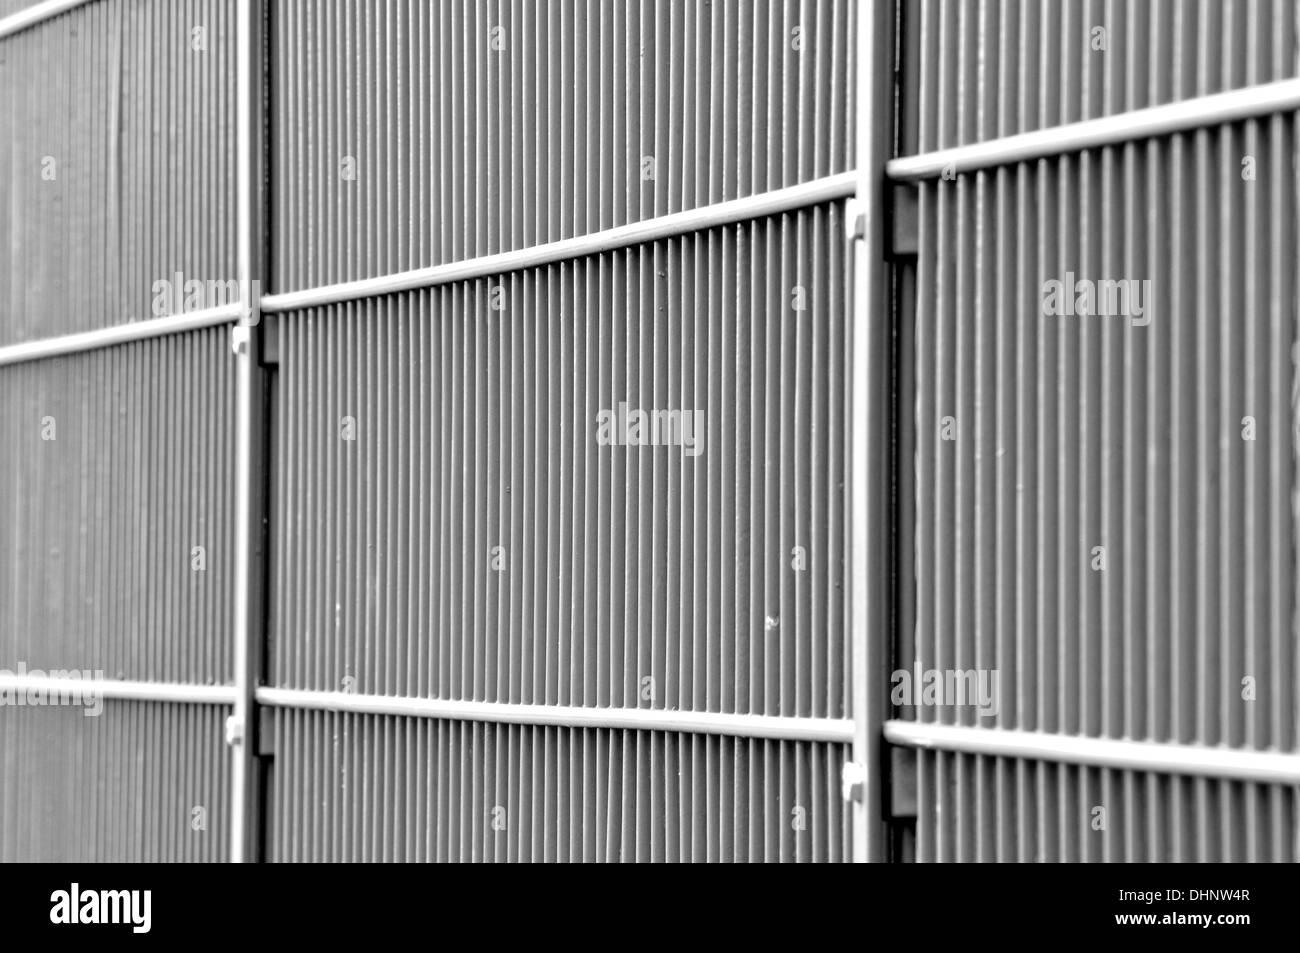 Stahlgitterzaun Stockfotos & Stahlgitterzaun Bilder Alamy